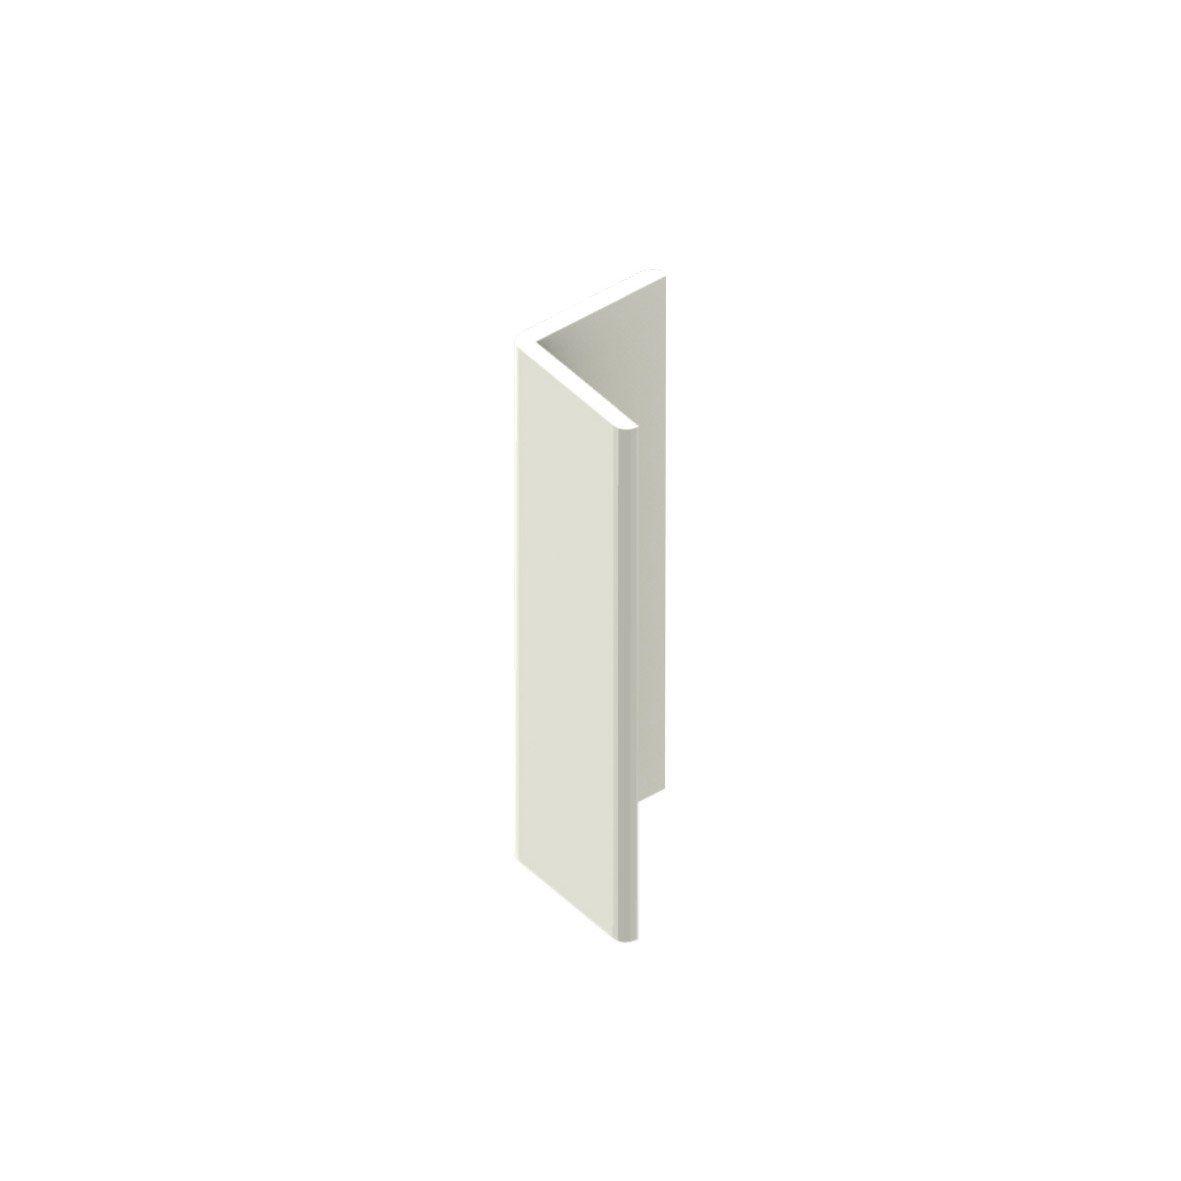 Cornière De Toiture Pvc Cellulaire 50x50 Mm Blanc Pvc In